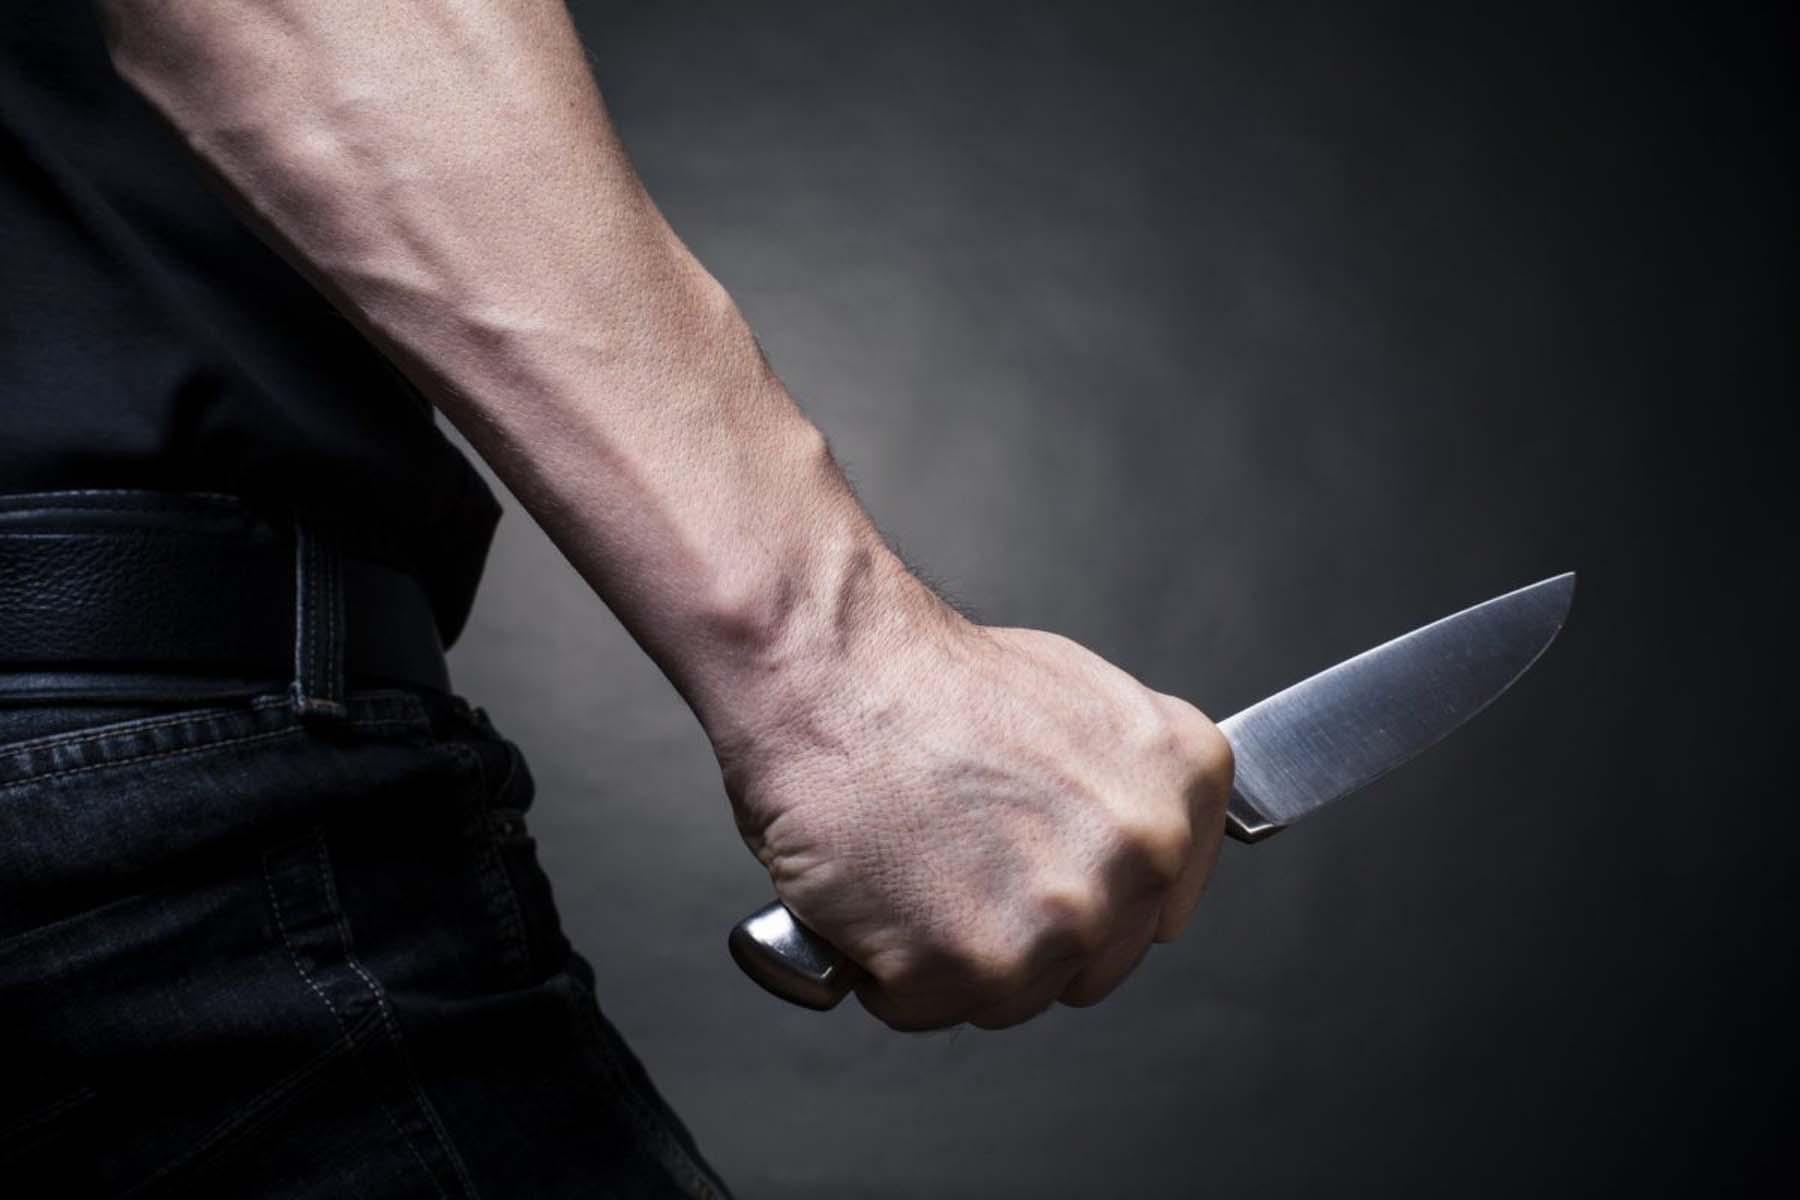 Fransa'da korkunç cinayet! Canice katledildi! 100 kere bıçakladılar, betona bağlayıp göle attılar